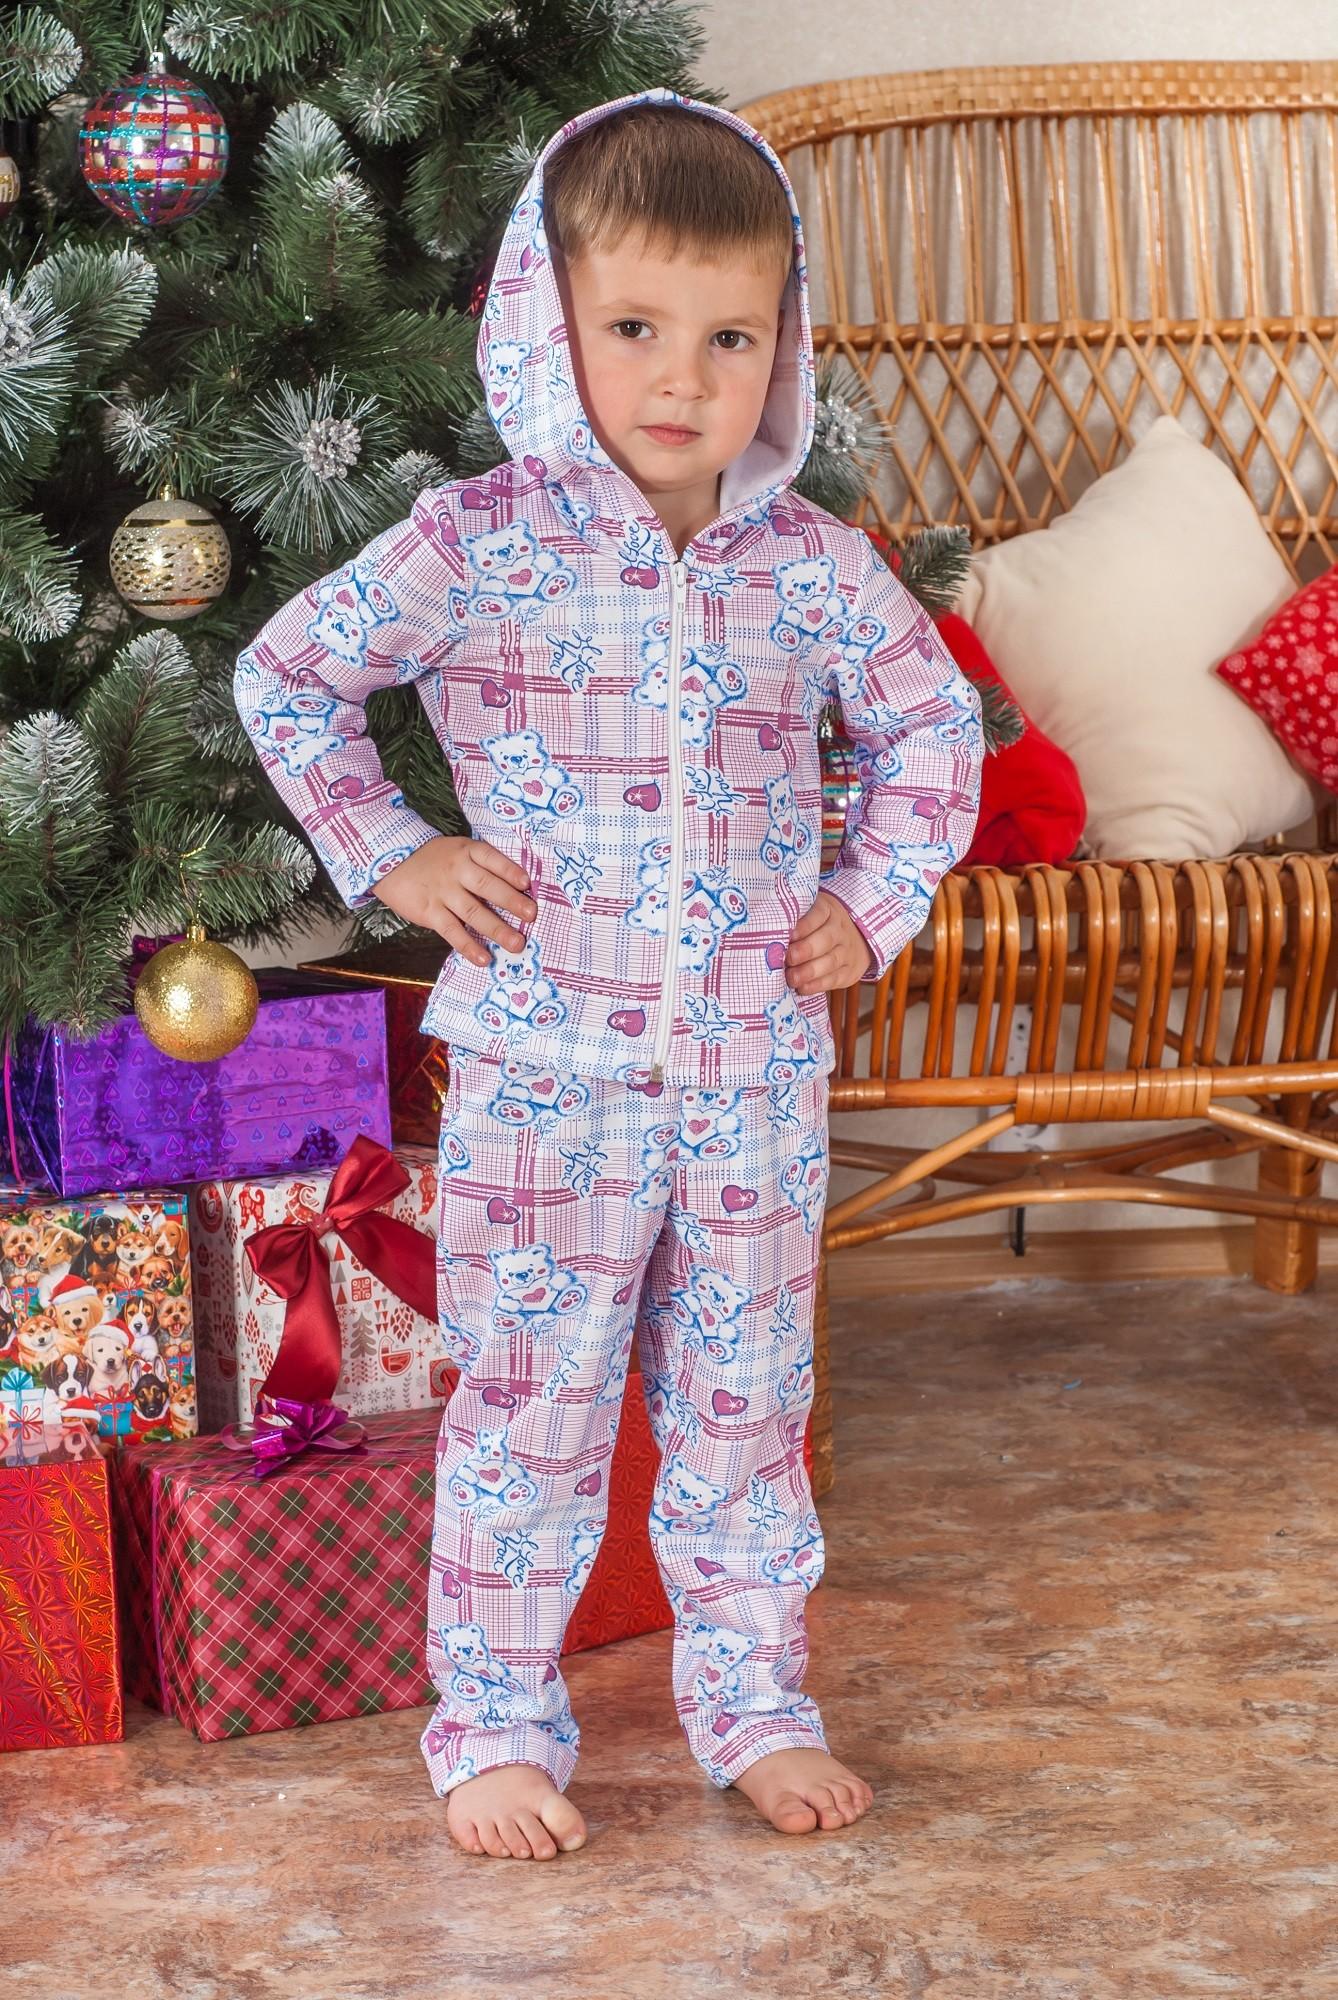 Купить детский трикотаж Футер капюшон от производителя г. Иваново ... b541c4ec52b